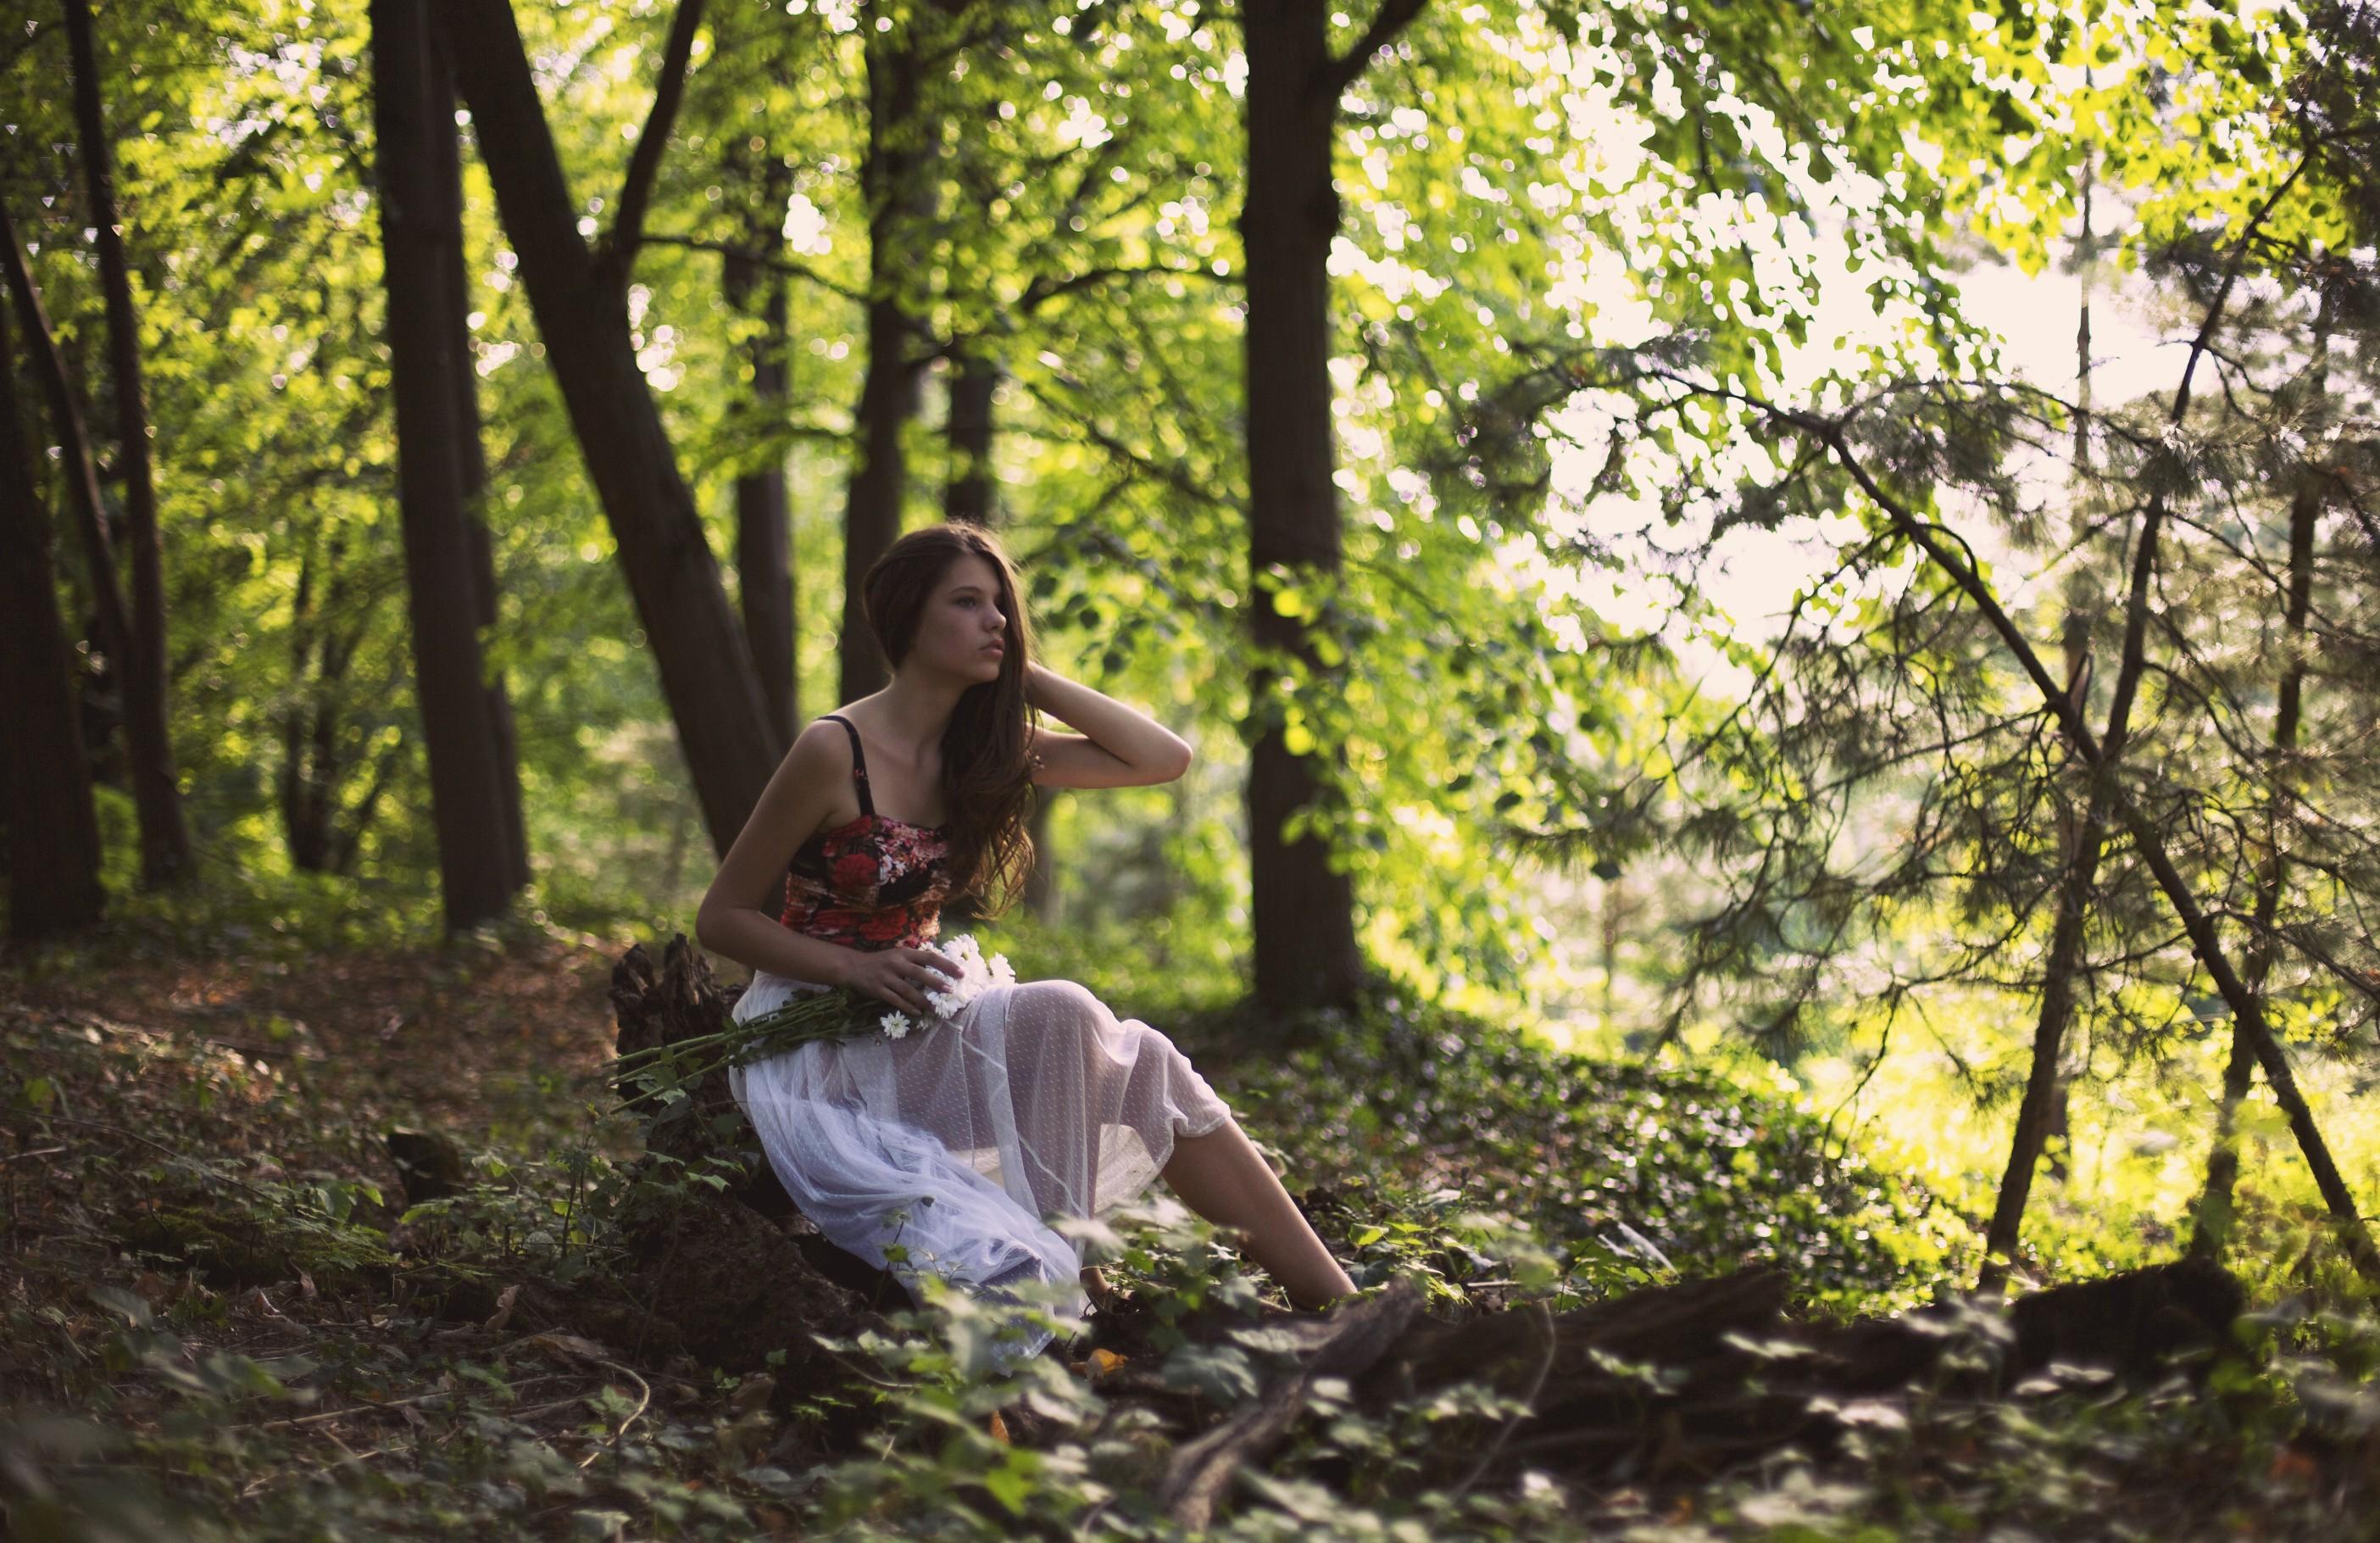 Wallpaper : sunlight, forest, women outdoors, model